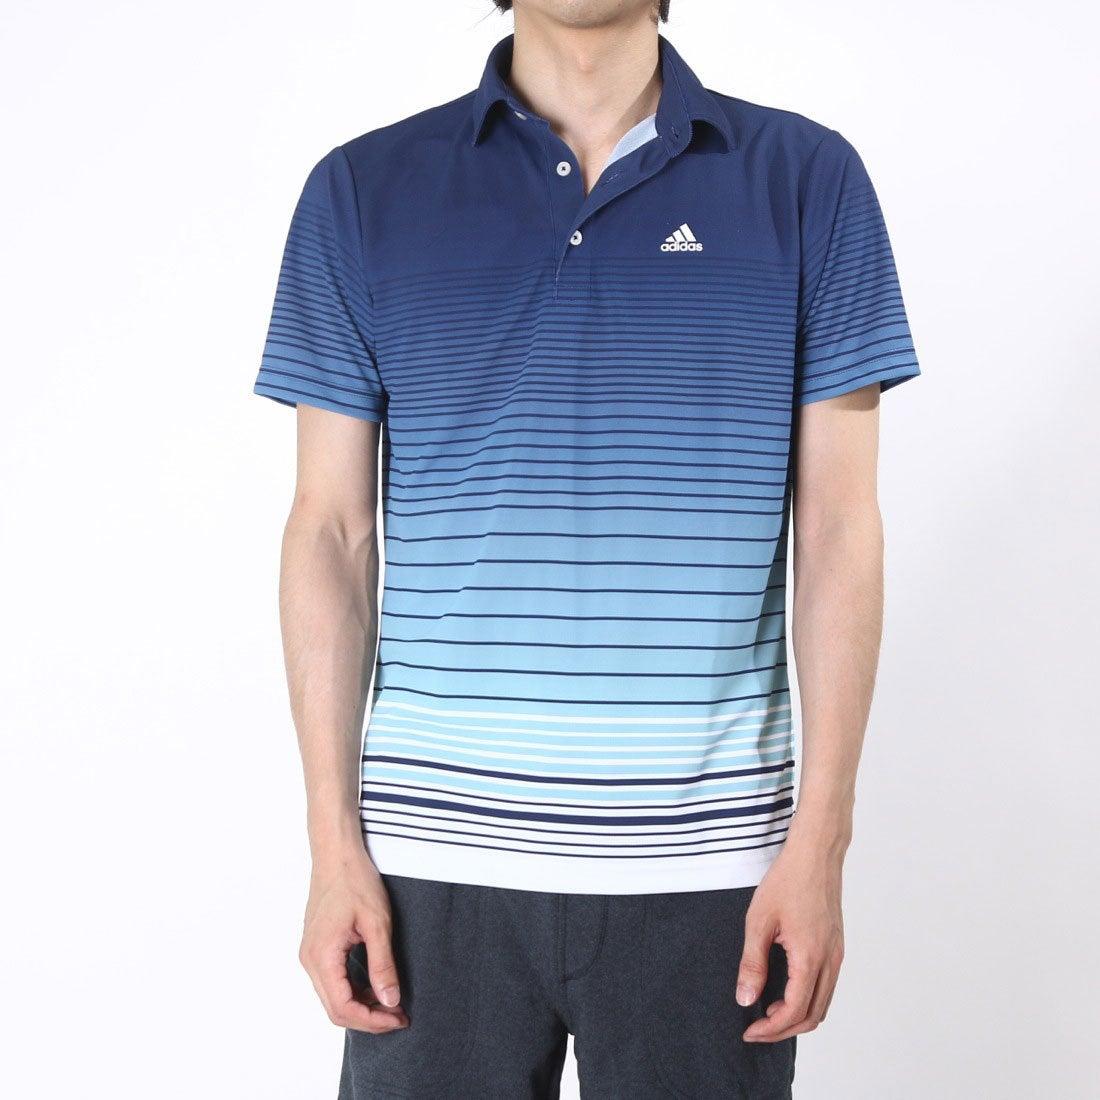 【SALE 55%OFF】【アウトレット】アディダス adidas ゴルフシャツ JP CP グラデーションボーダーS/Sポロ CCG33 (ネイビー) メンズ